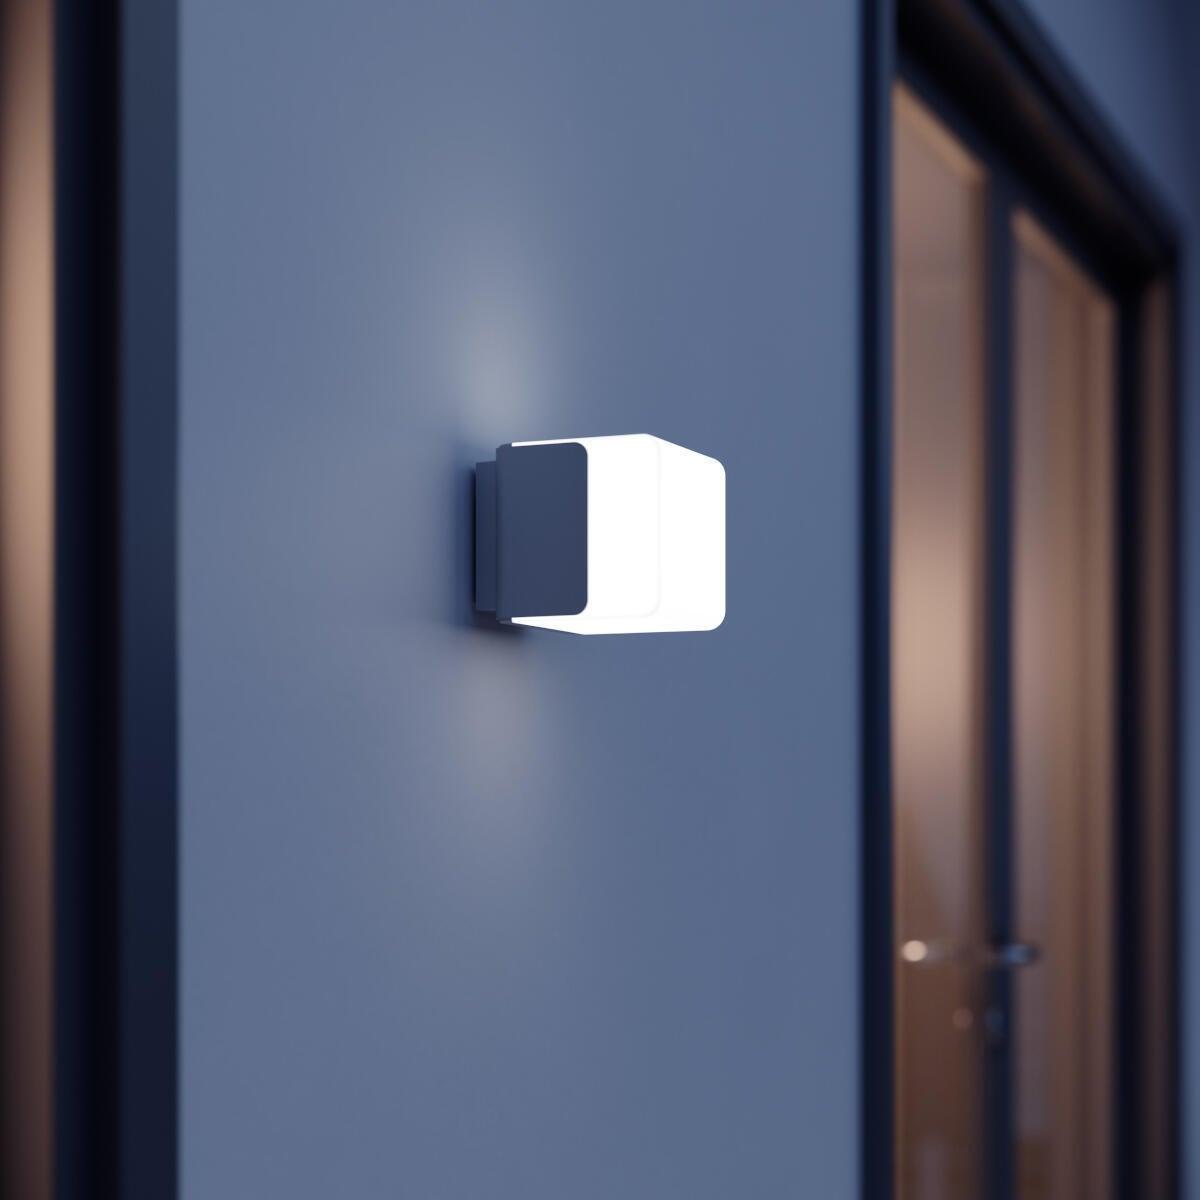 Applique L 835 LED integrato con sensore di movimento, antracite, 9.5W 586LM IP44 STEINEL - 2